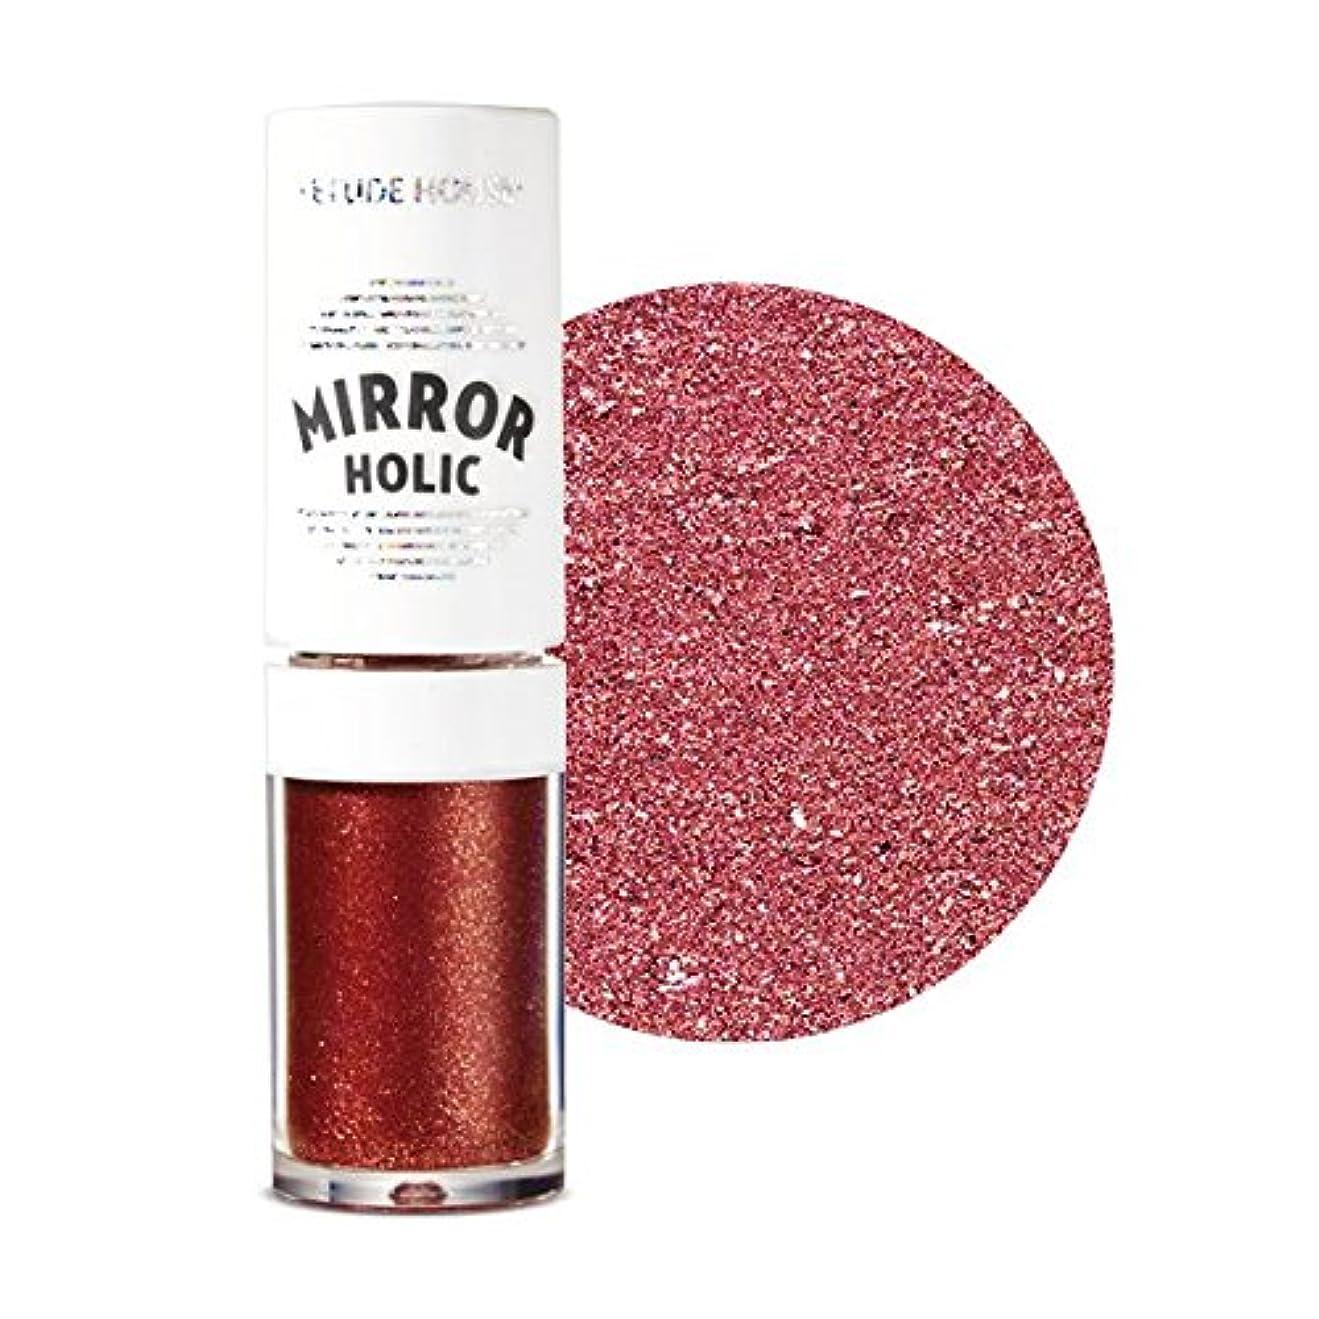 不格好謎めいた素敵なETUDE HOUSE Mirror Holic Liquid Eyes / エチュードハウス ミラーホリックリキッドアイズ ミラーホリックリキッドアイズ (RD301) [並行輸入品]